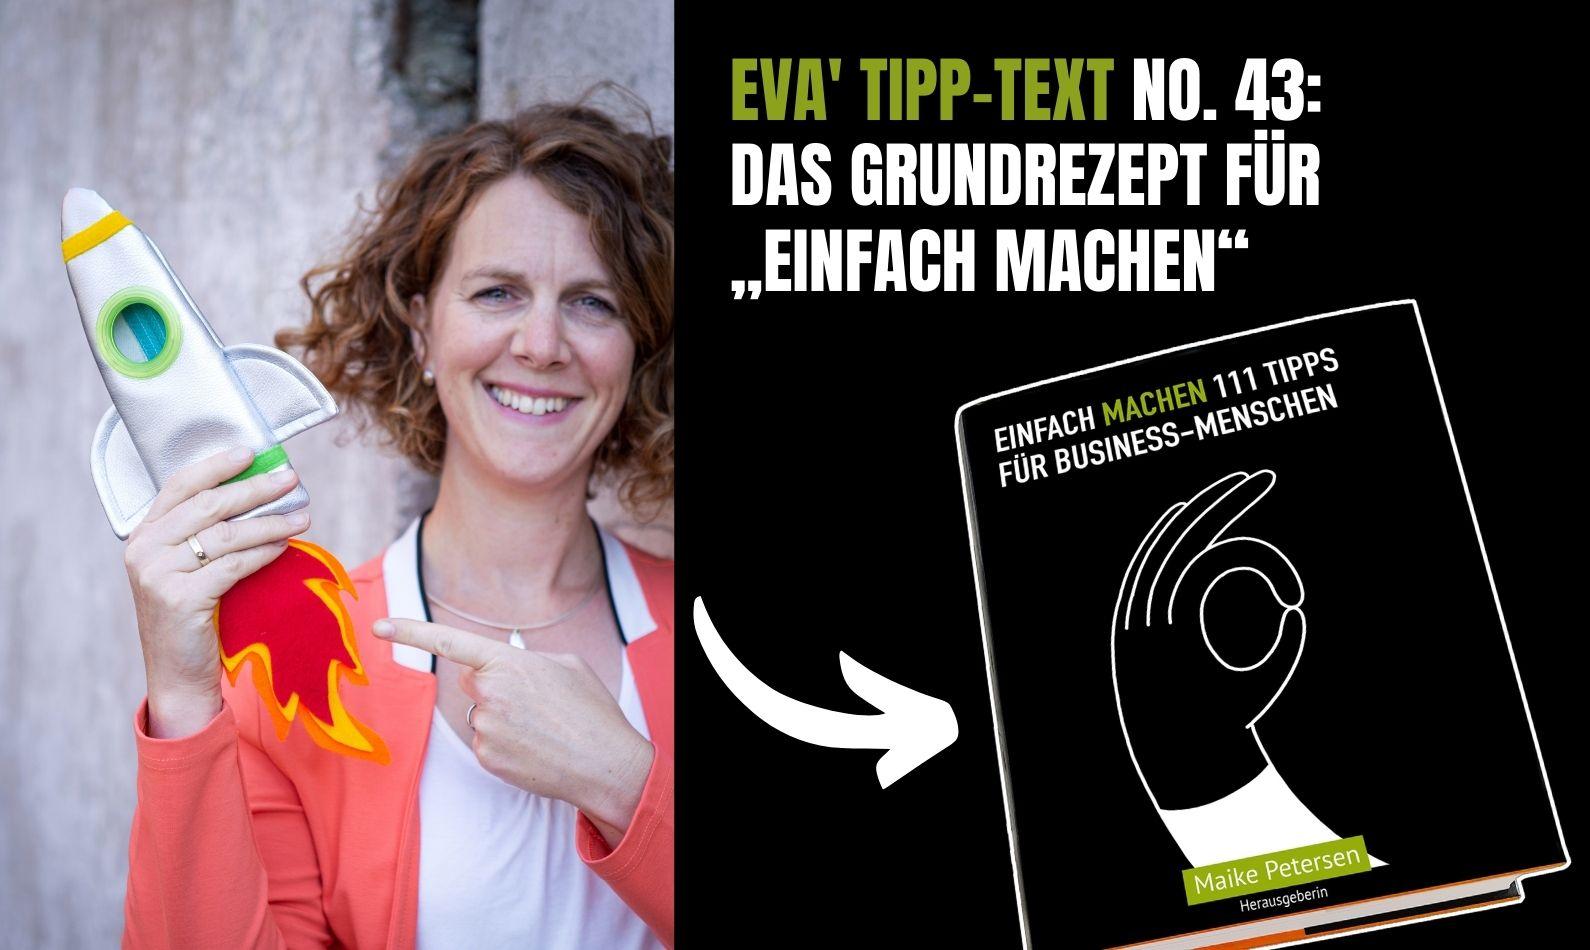 EINFACH MACHEN Buch | Tipp-Text No. 43 von Eva list - jetzt downloaden